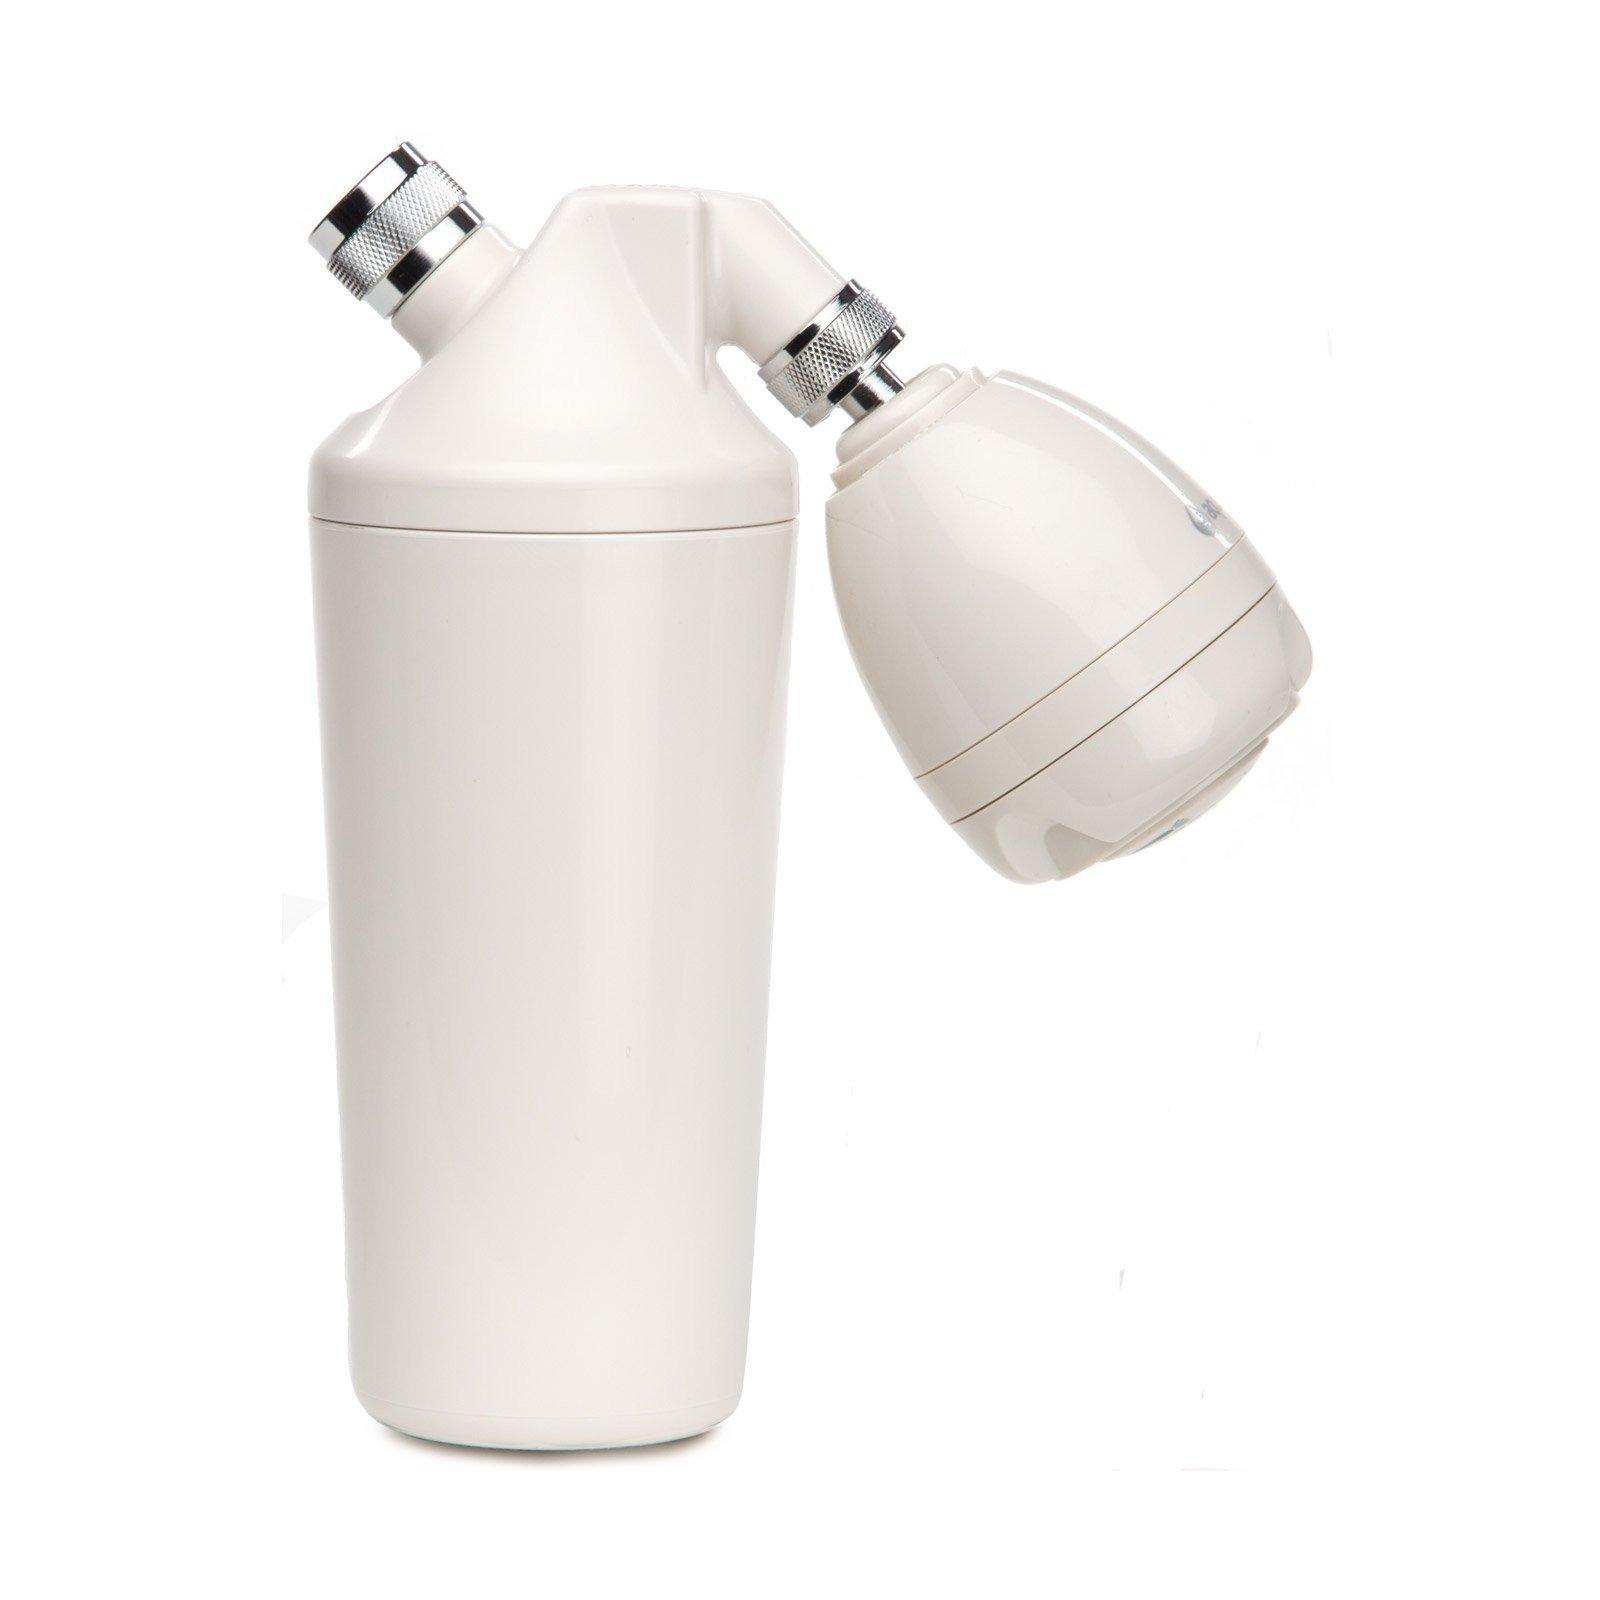 DEMO Aquasana Shower Filter